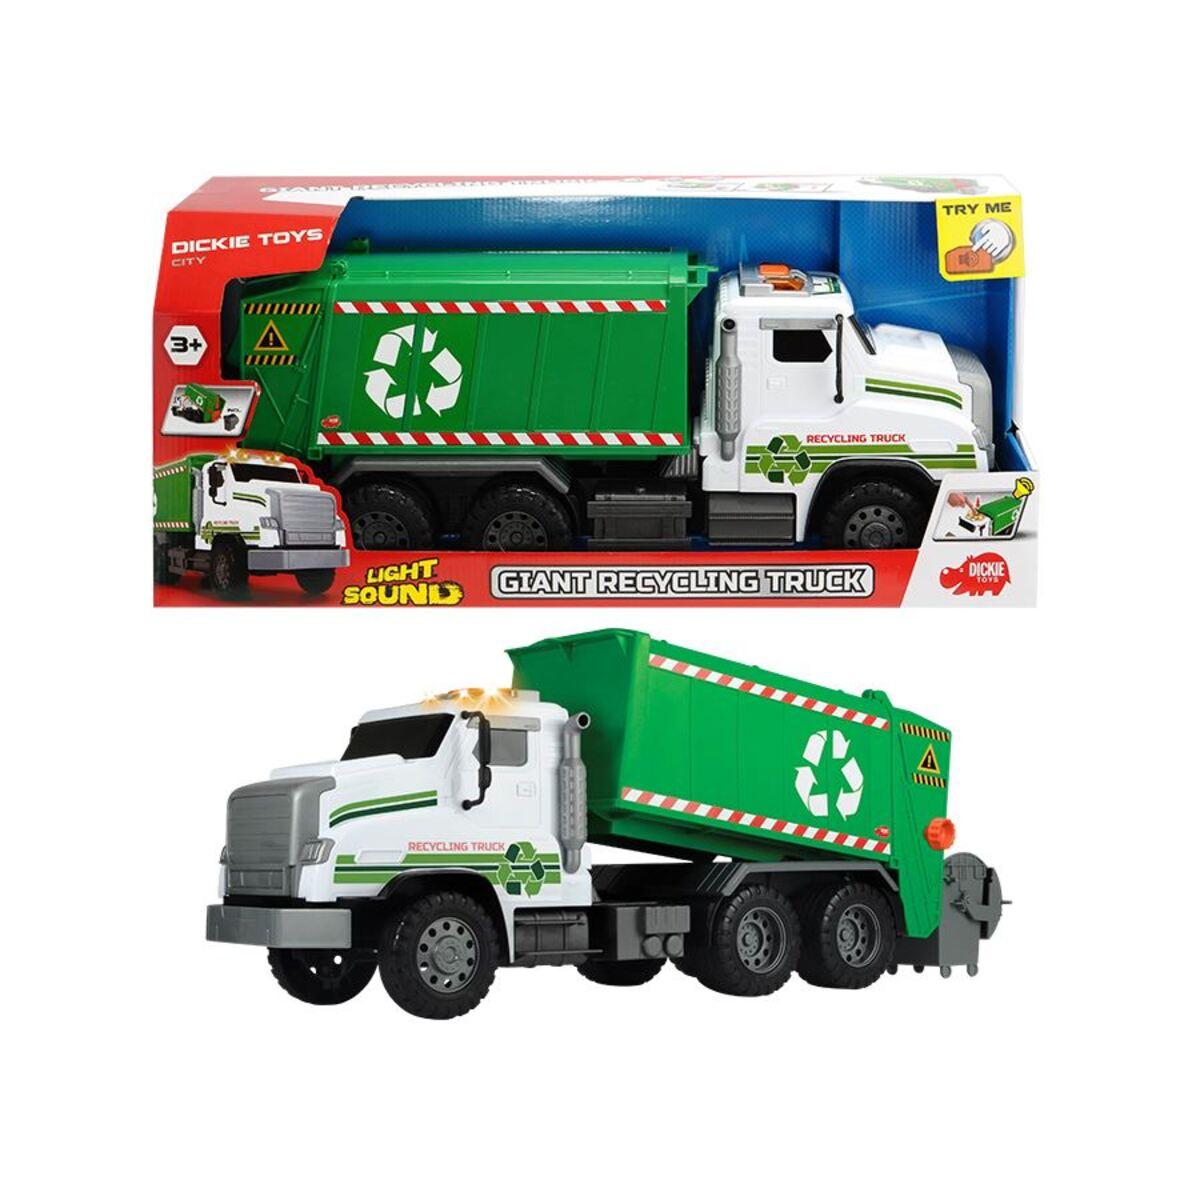 Bild 2 von Dickie Toys Riesiger Müllwagen